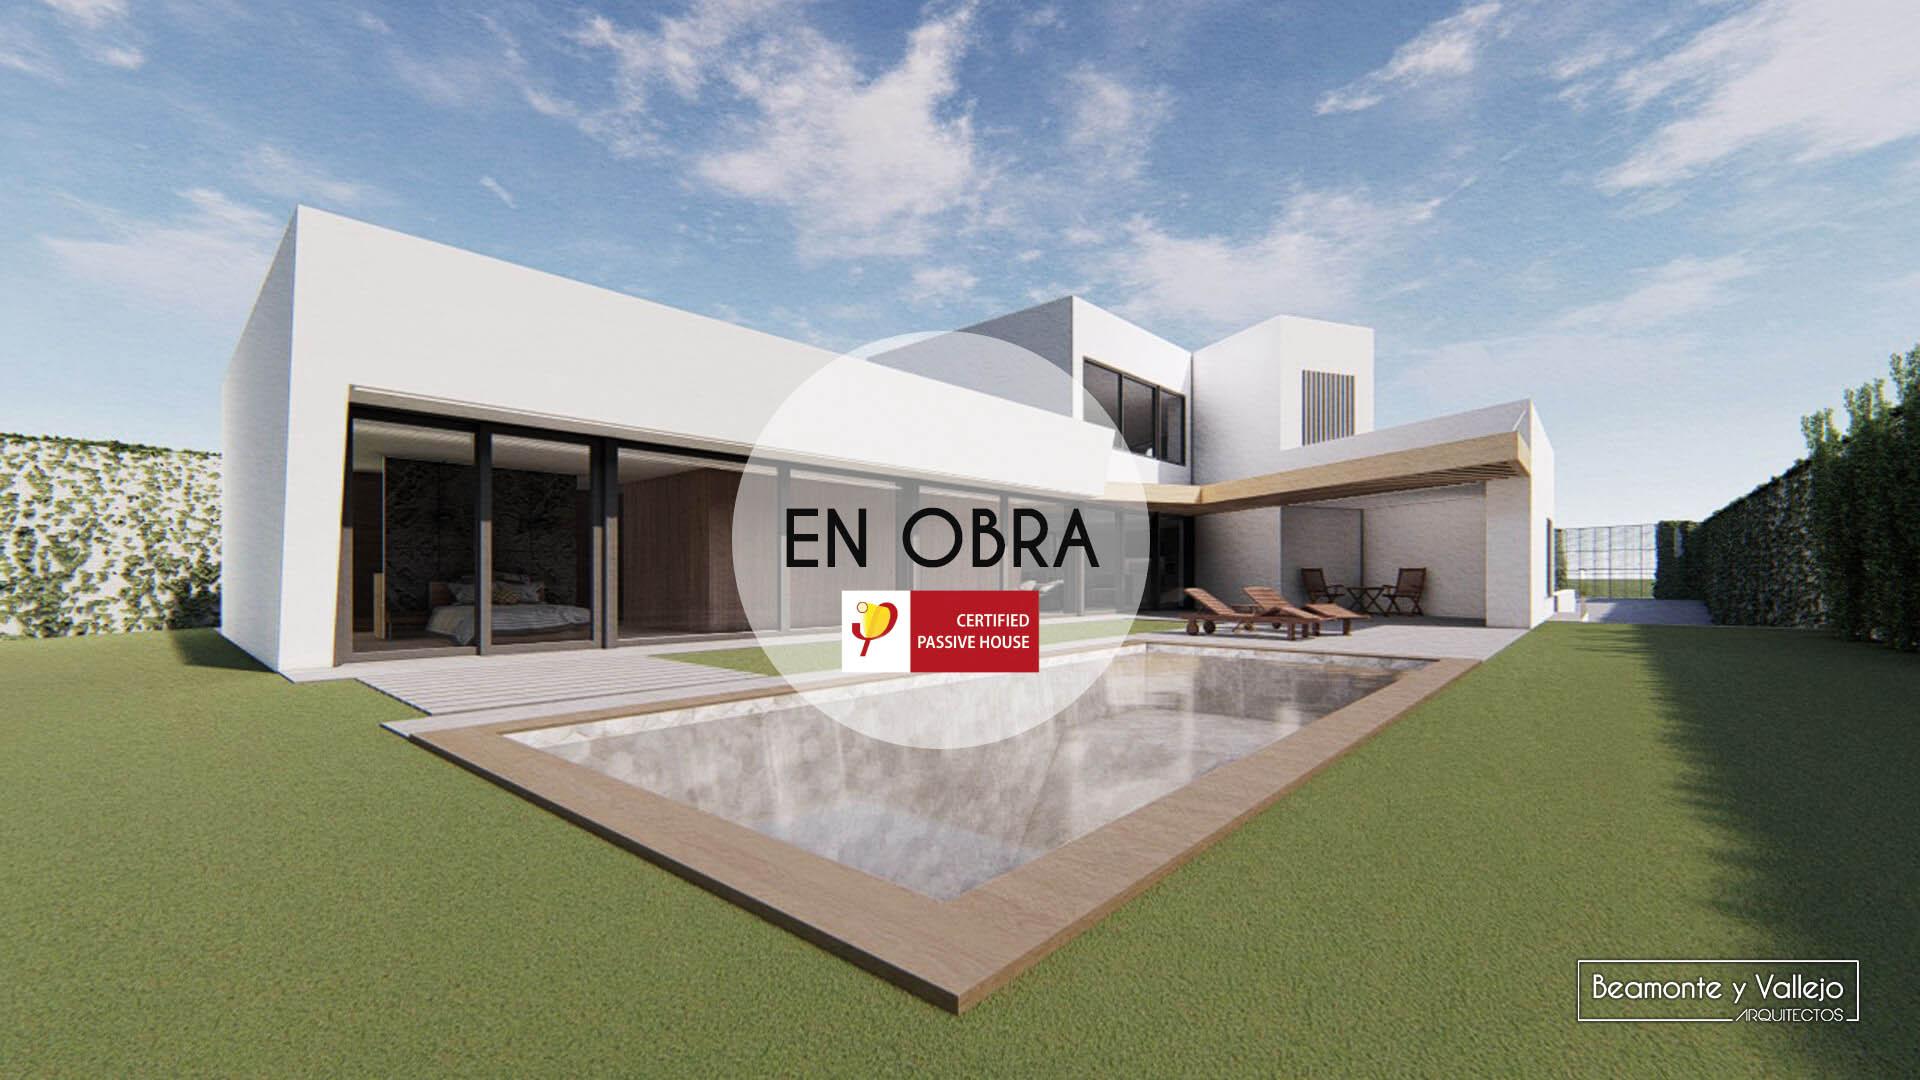 Beamonte y Vallejo arquitectos - Passivhaus Las Lomas 1 en obra - 1